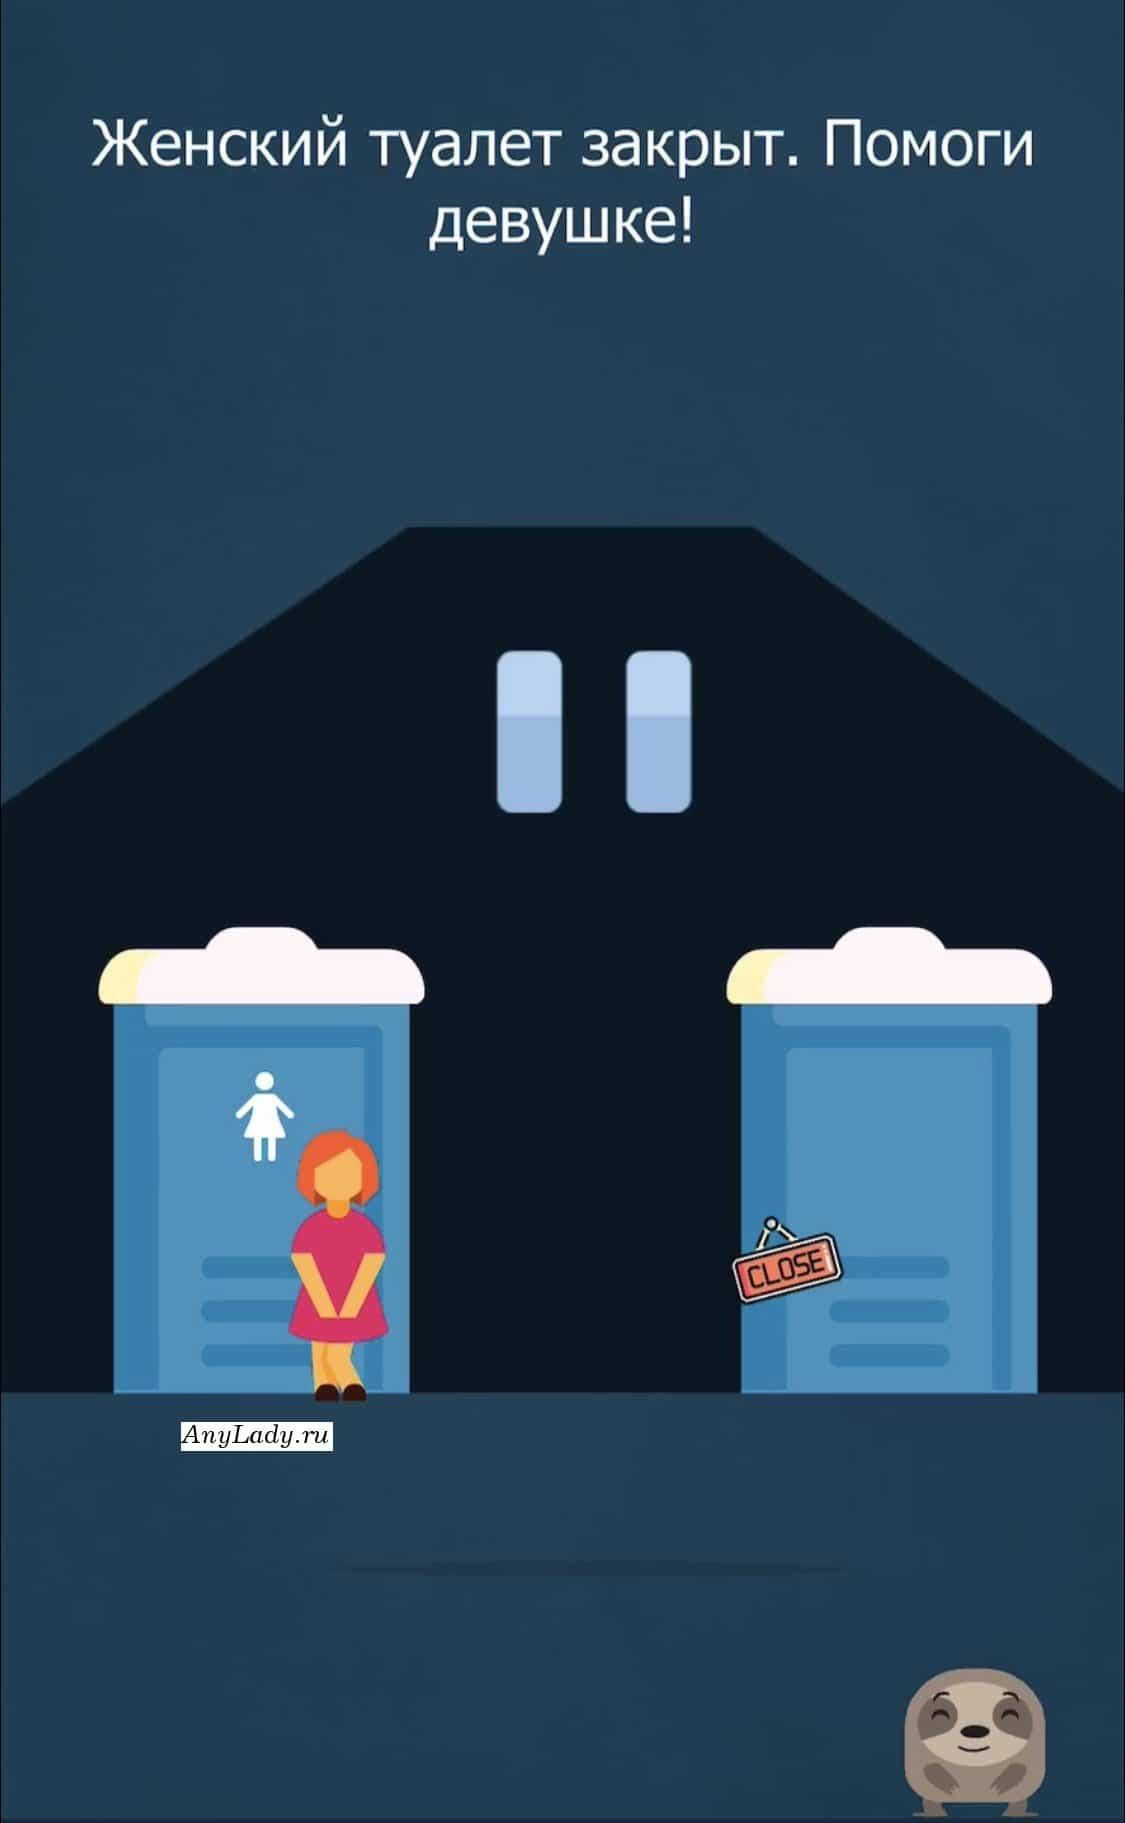 Перетащите с женской двери туалета, картинку - с символом девушки, на мужскую дверь.  Перекрыв мужской значок - женским, Вы поможете девушке сходить в уборную.